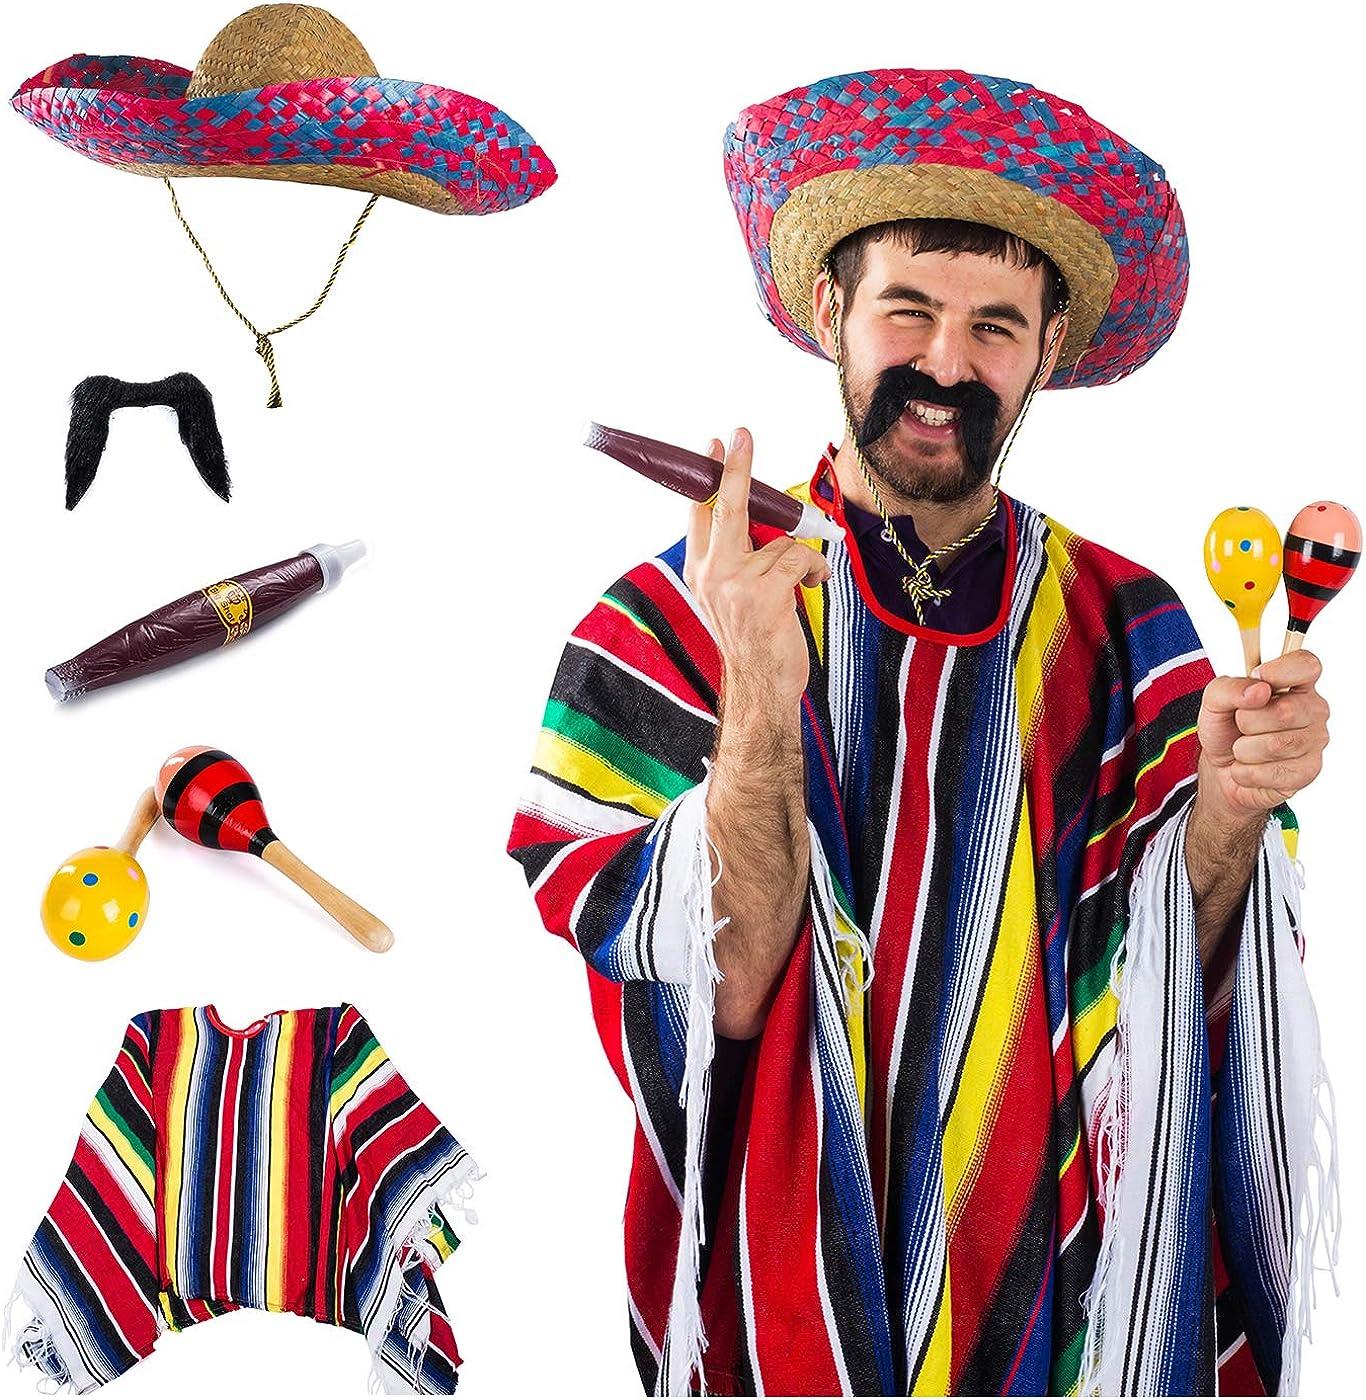 Tigerdoe Mexican Costume - Sombrero, Serape Poncho, Cigar, Mustaches, Maraca - Mexican Fiesta